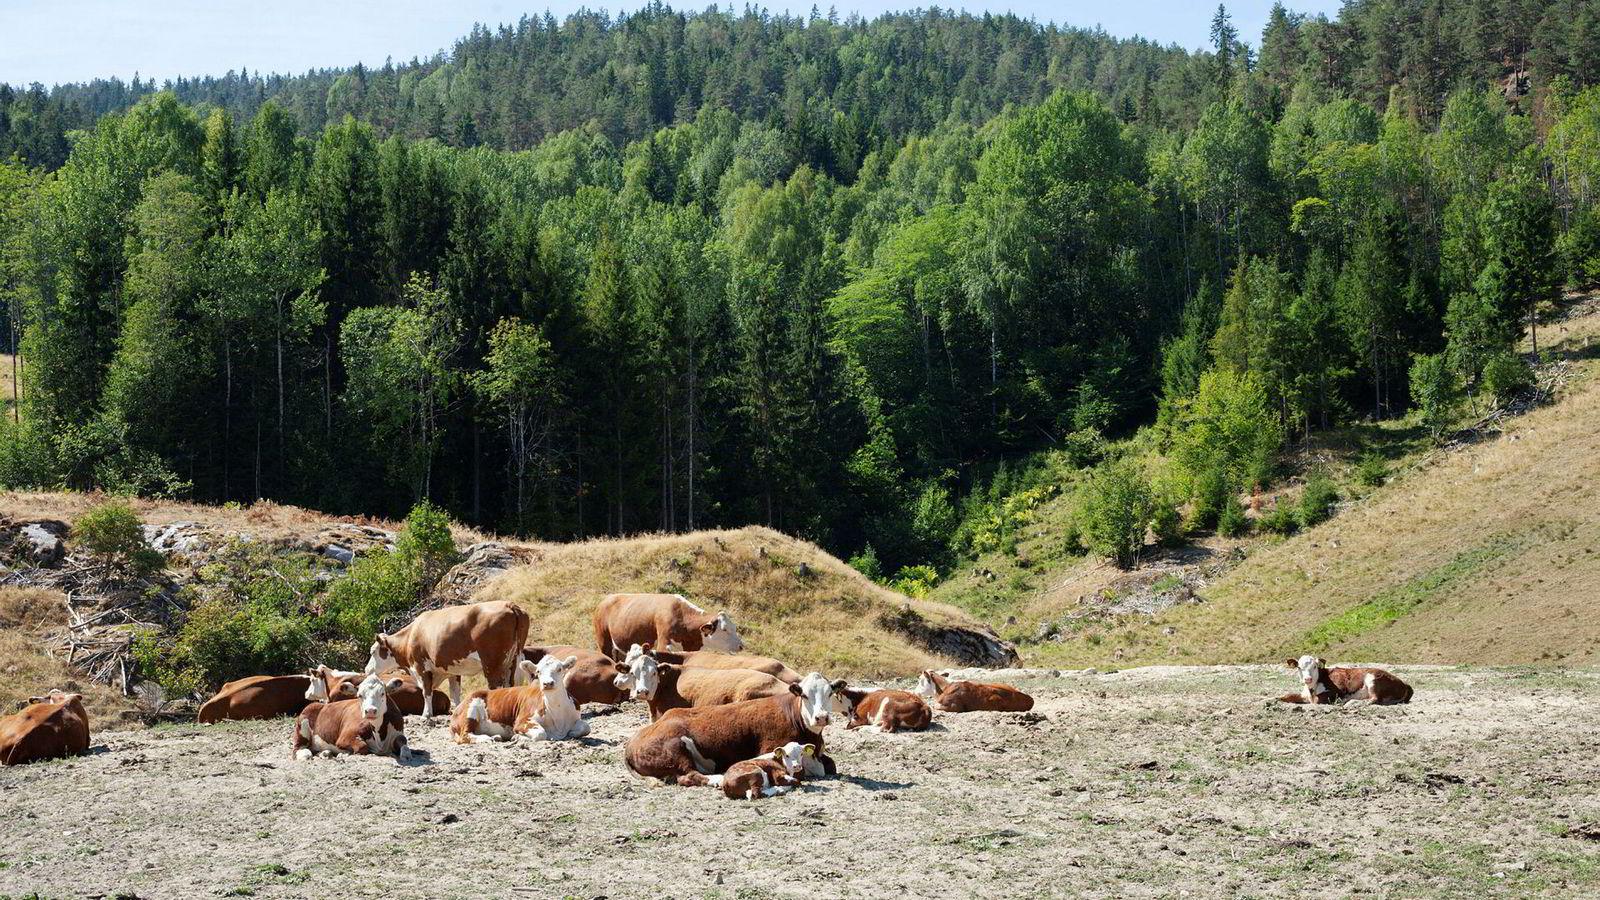 Jordbrukets inntekter er på vei ned, ifølge nye prognoser.